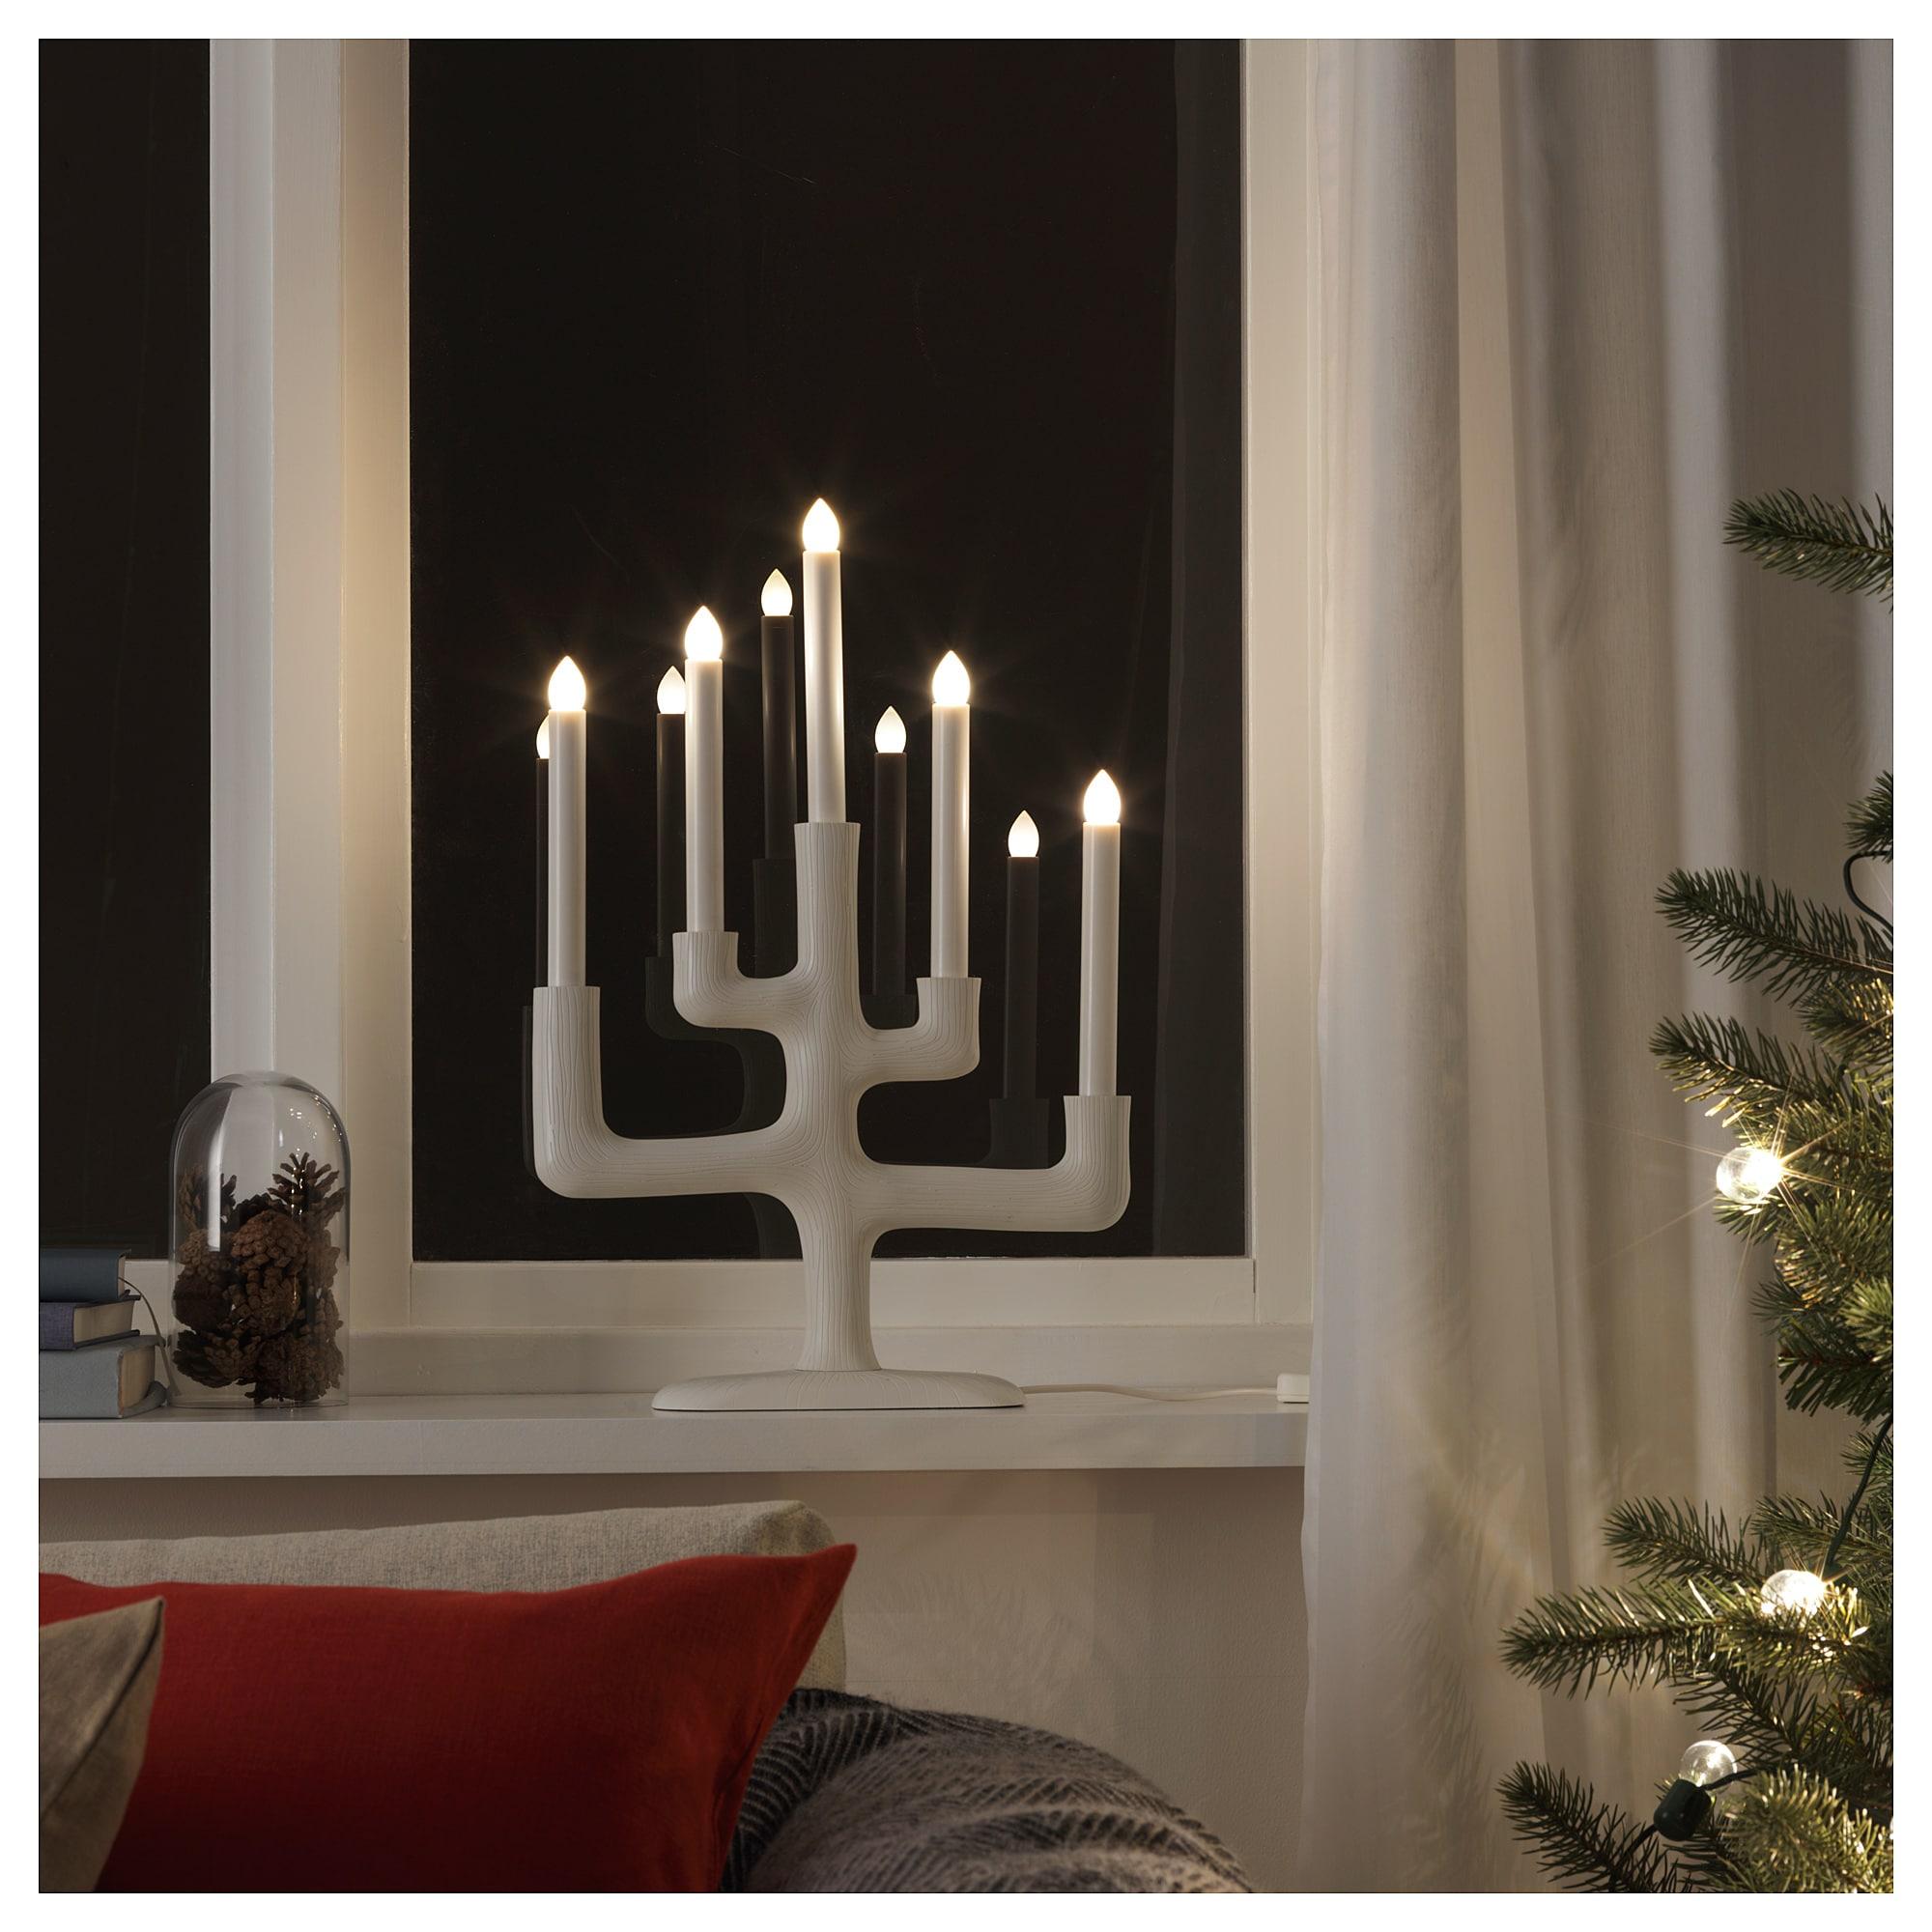 Светодиодный канделябр, 5 ламп СТРОЛА белый артикуль № 404.077.19 в наличии. Онлайн магазин IKEA Минск. Быстрая доставка и установка.